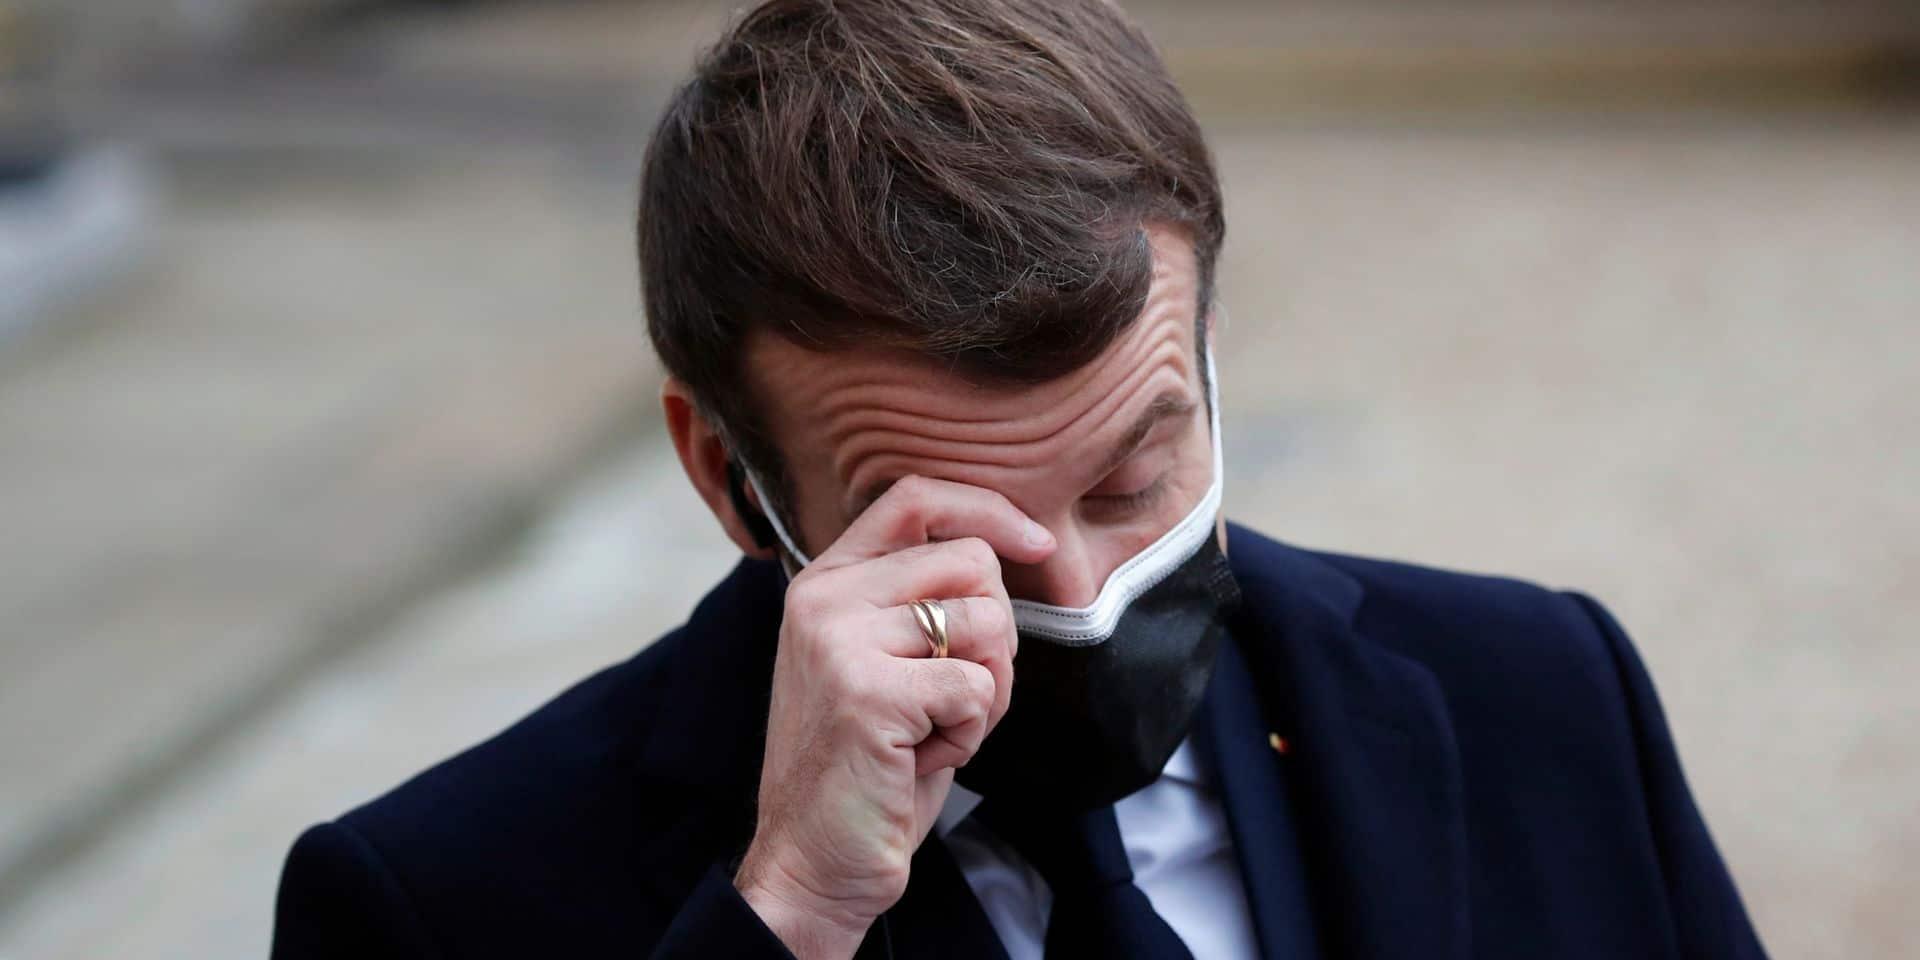 Que sait-on du dîner polémique d'Emmanuel Macron, positif au Covid-19 ?